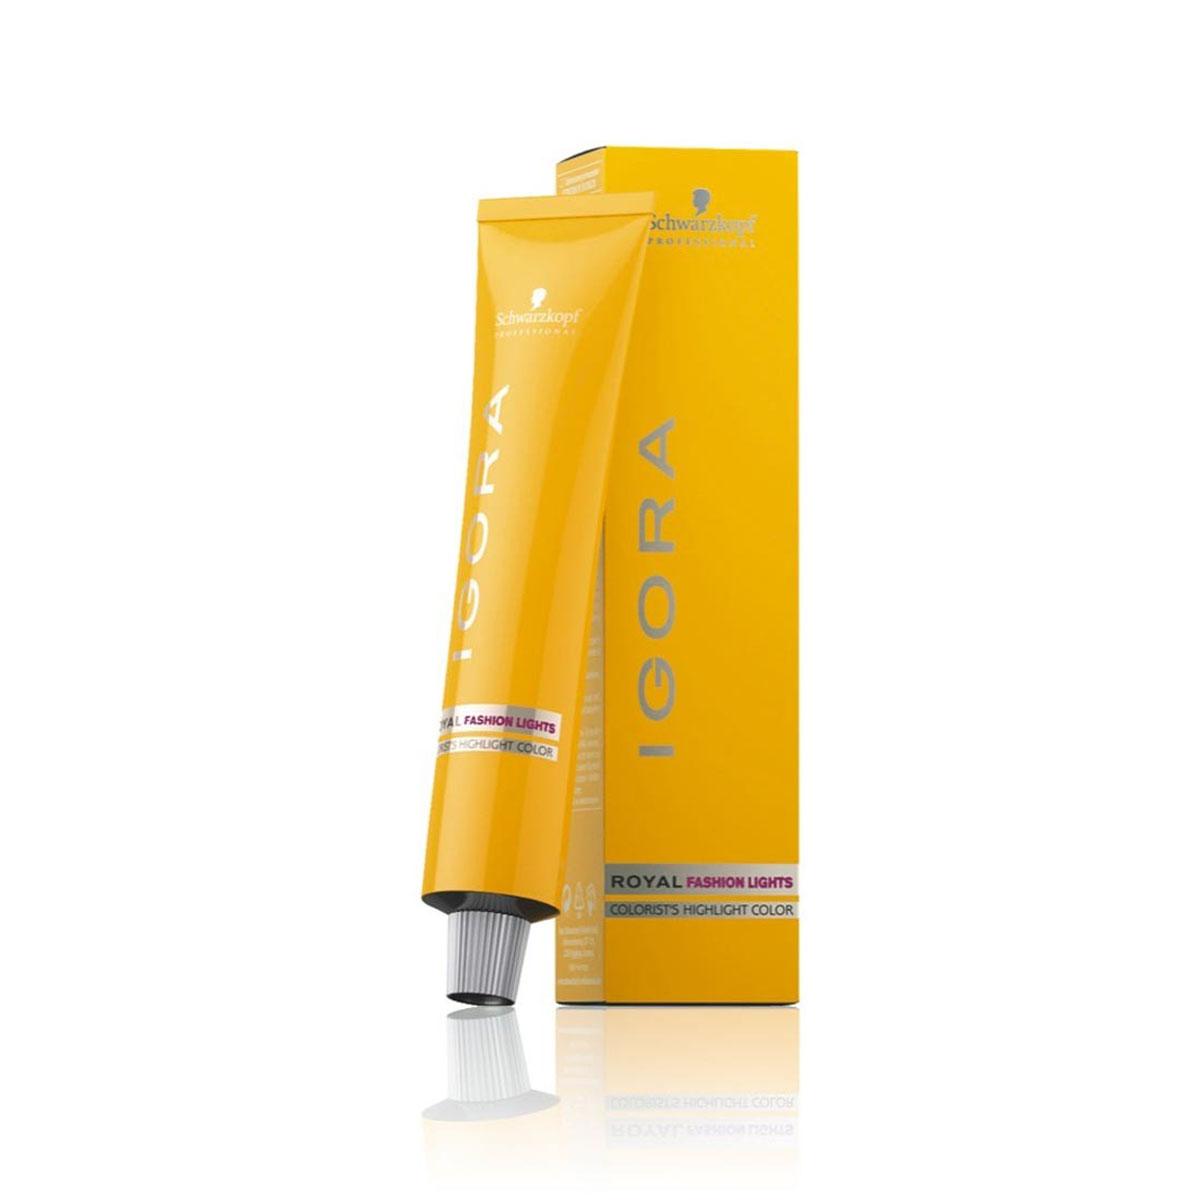 Igora Royal Перманентный краситель для волос - красный экстра 60 млSatin Hair 7 BR730MNКрем-краска для выполнения любых техник мелирования и создания цветовых акцентов. Не требует предварительного осветления. Осветляет и окрашивает за 1 шаг даже натуральные темные и ранее окрашенные волосы. Непревзойденные спецэффекты – используйте технику мелирования на определенной натуральной глубине тона – от мерцающего ириса до темных фиолетовых вспышек. Красный экстра.